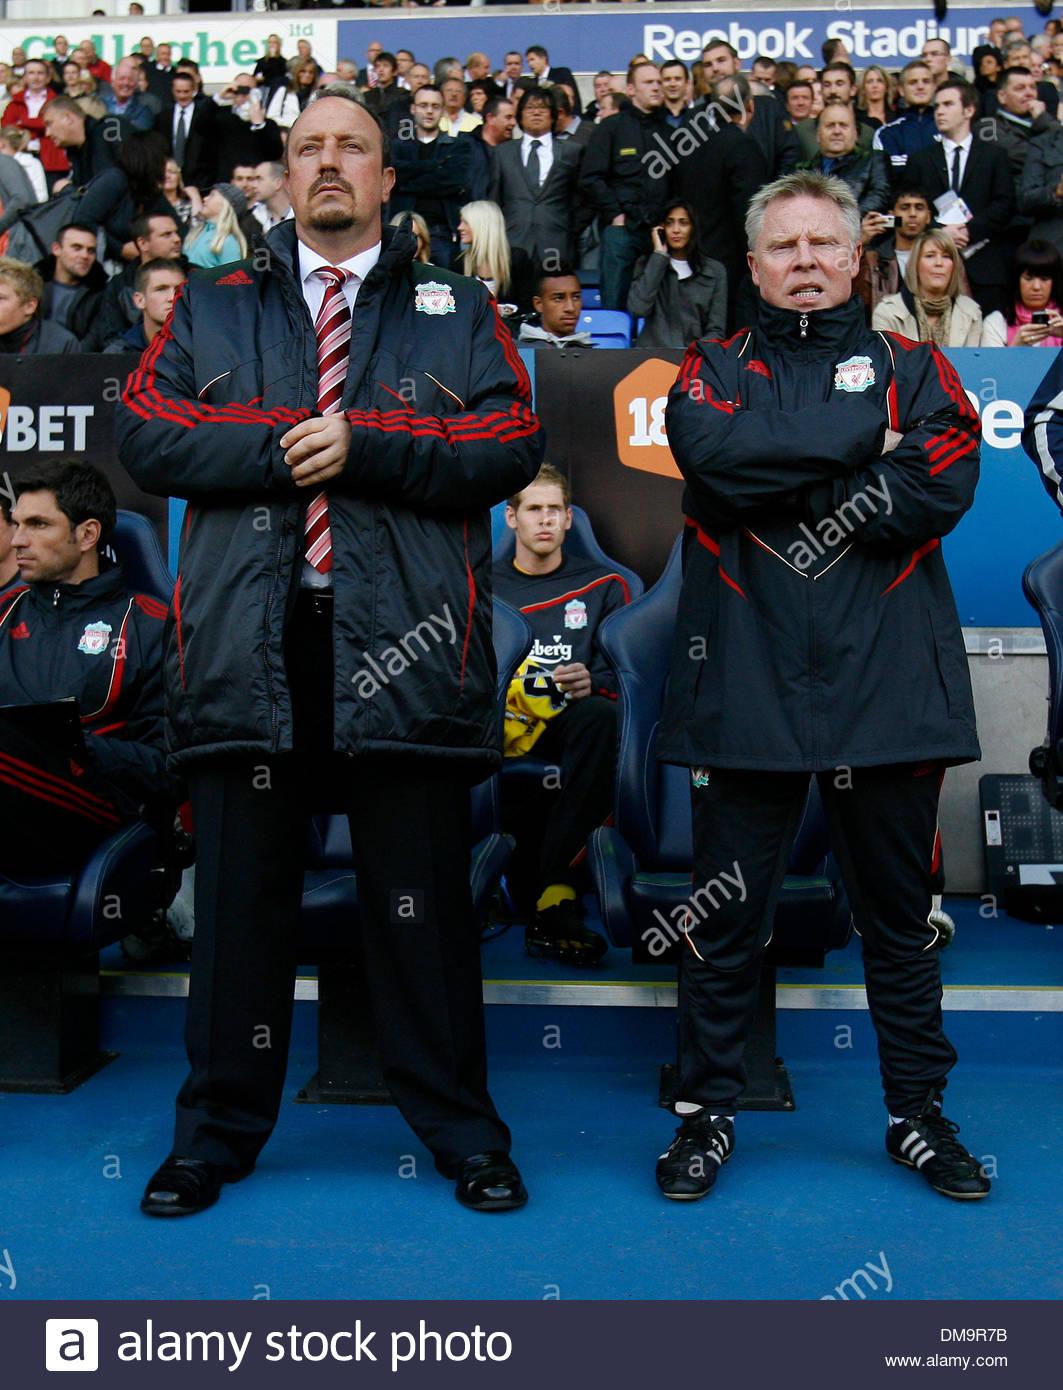 ¿Cuánto mide Sammy Lee? - Real height El-liverpool-de-rafa-benitez-y-sammy-lee-barclays-premier-league-bolton-wanderers-v-liverpool-el-29-de-agosto-2009-credit-image-a-david-klein-sportimage-cal-sport-media-dm9r7b